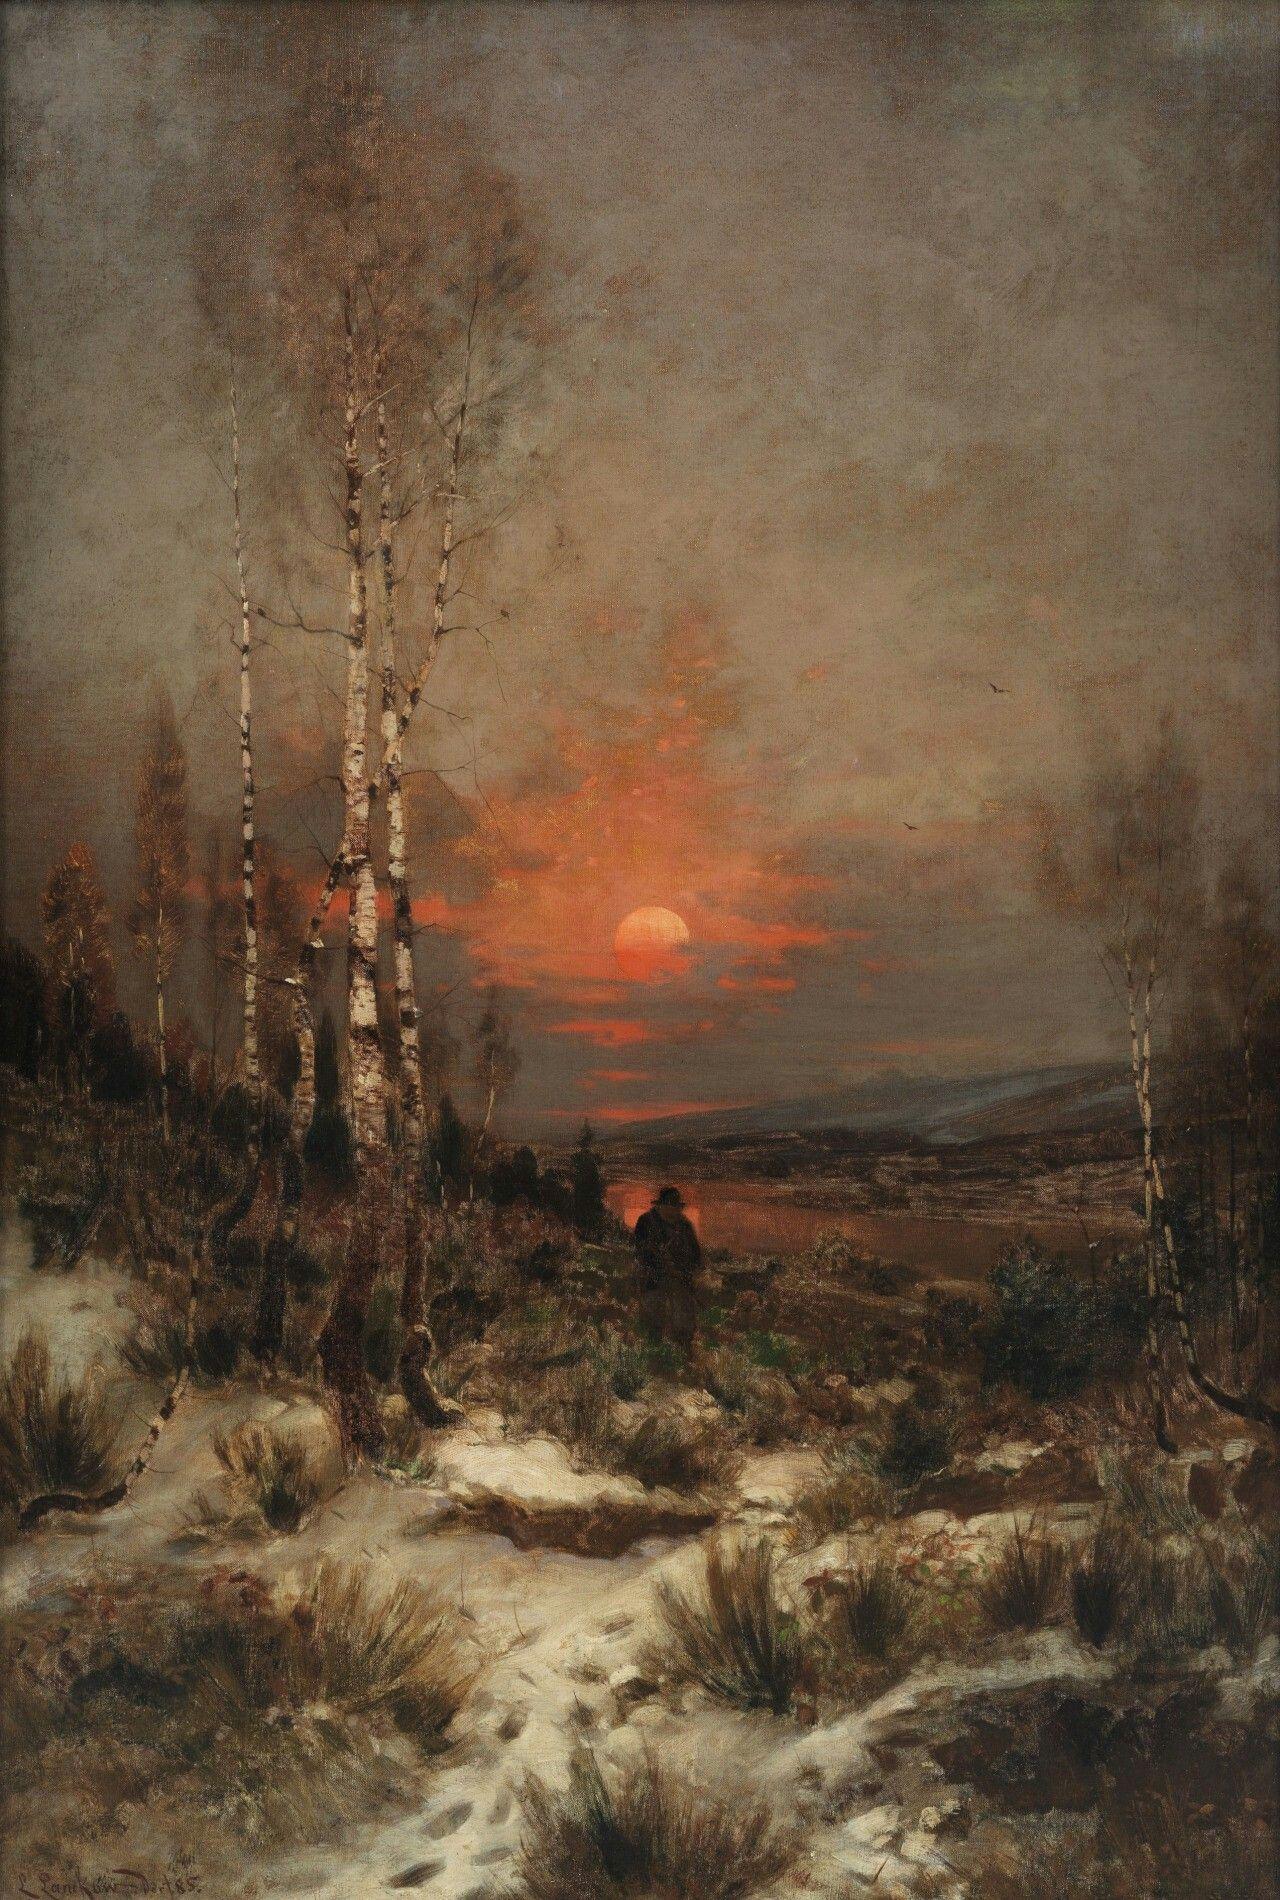 Abendliche Winterlandschaft mit einem Jäger, 1906, Ludwig Lanckow